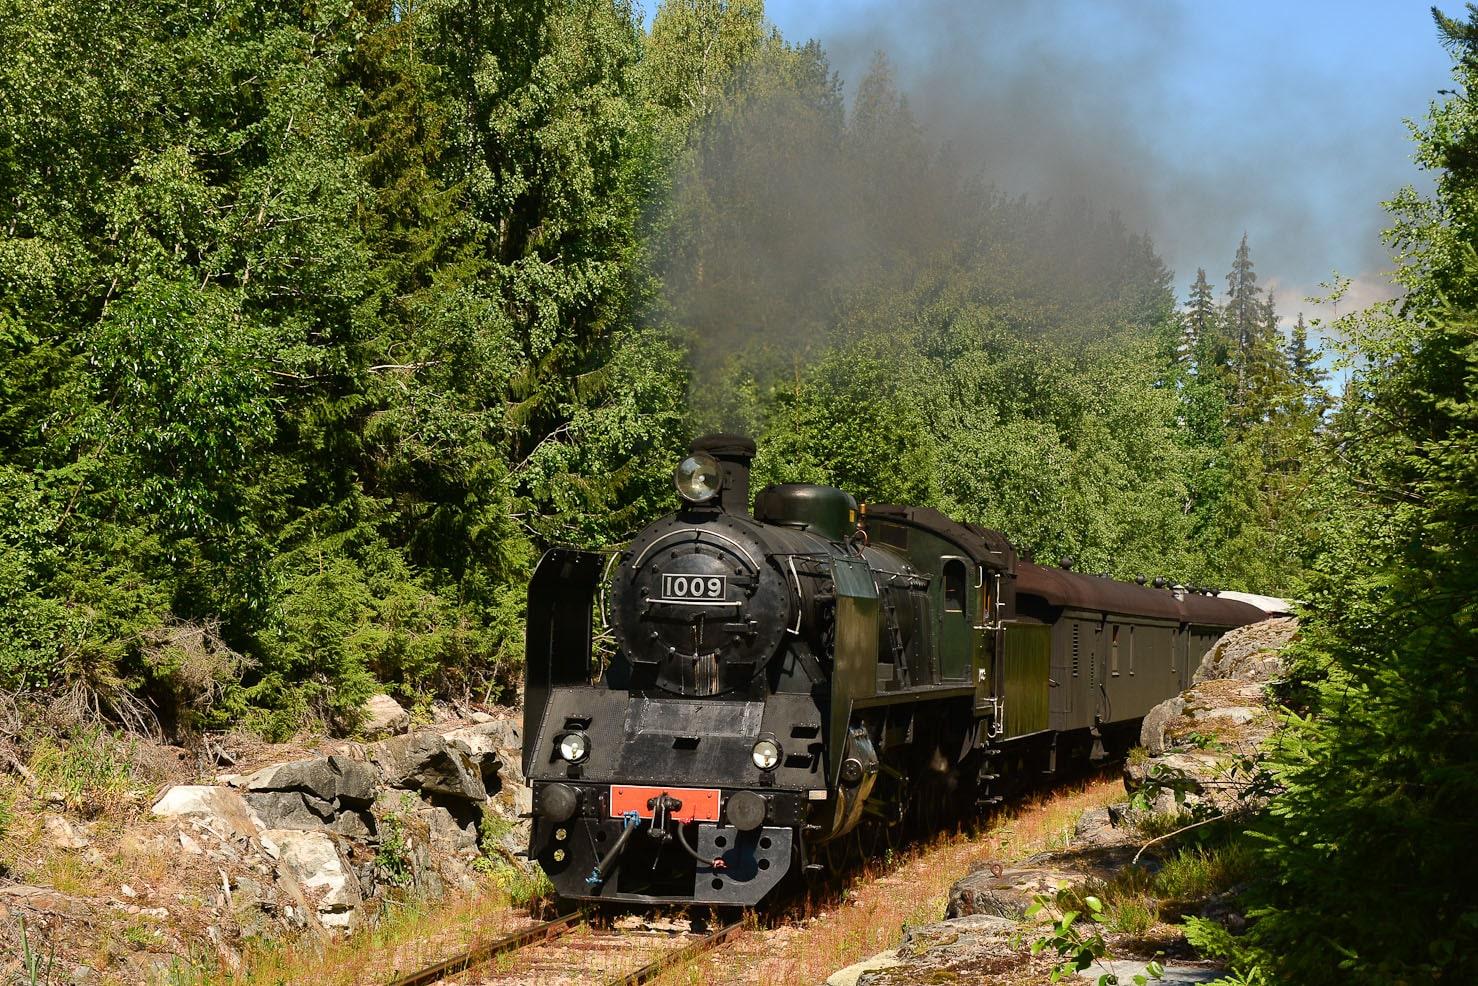 ©Foto: Steffen Mann | railmen | Finnland 2019 | Dampflok Hr1 1009, finnische Lokfabrik Lokomotive 158/BJ 1948 mit der Achsfolge 2´C1´ (Pazifik Schnellzuglok) auf der Strecke Lahti-Loviisa